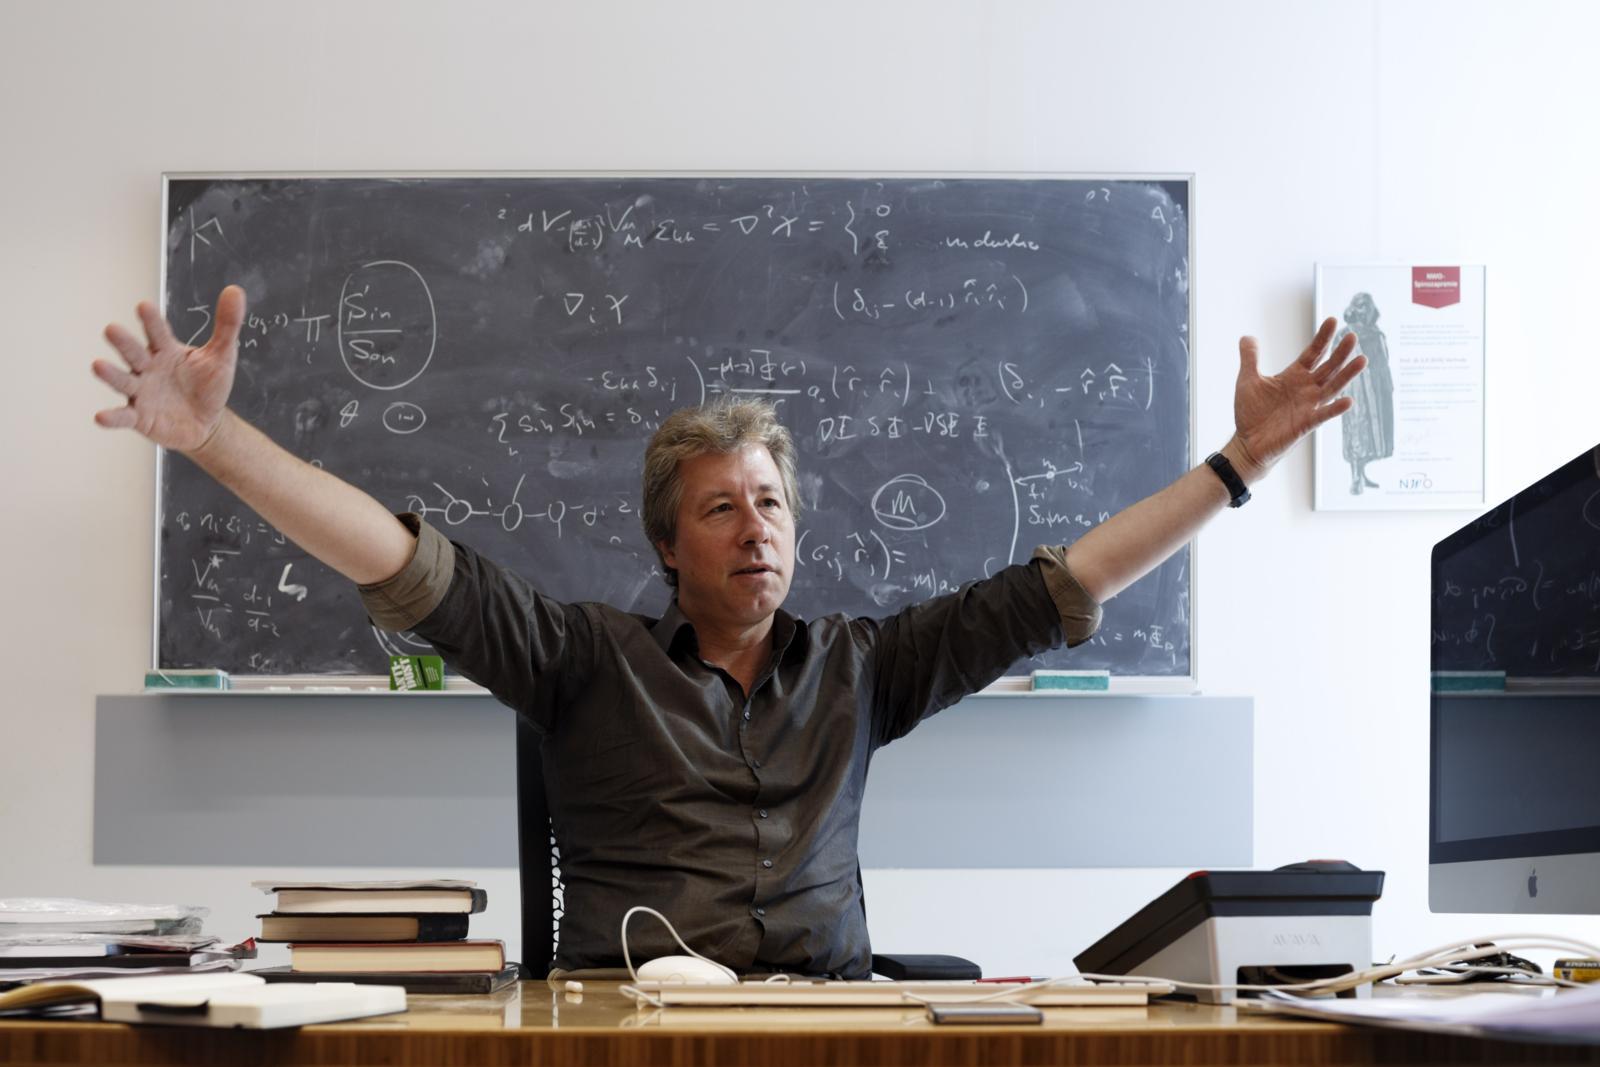 Erik Verlinde: 'Mijn grootste angst is dat mijn theorie onbegrepen blijft.' Foto: Bob Bronshoff